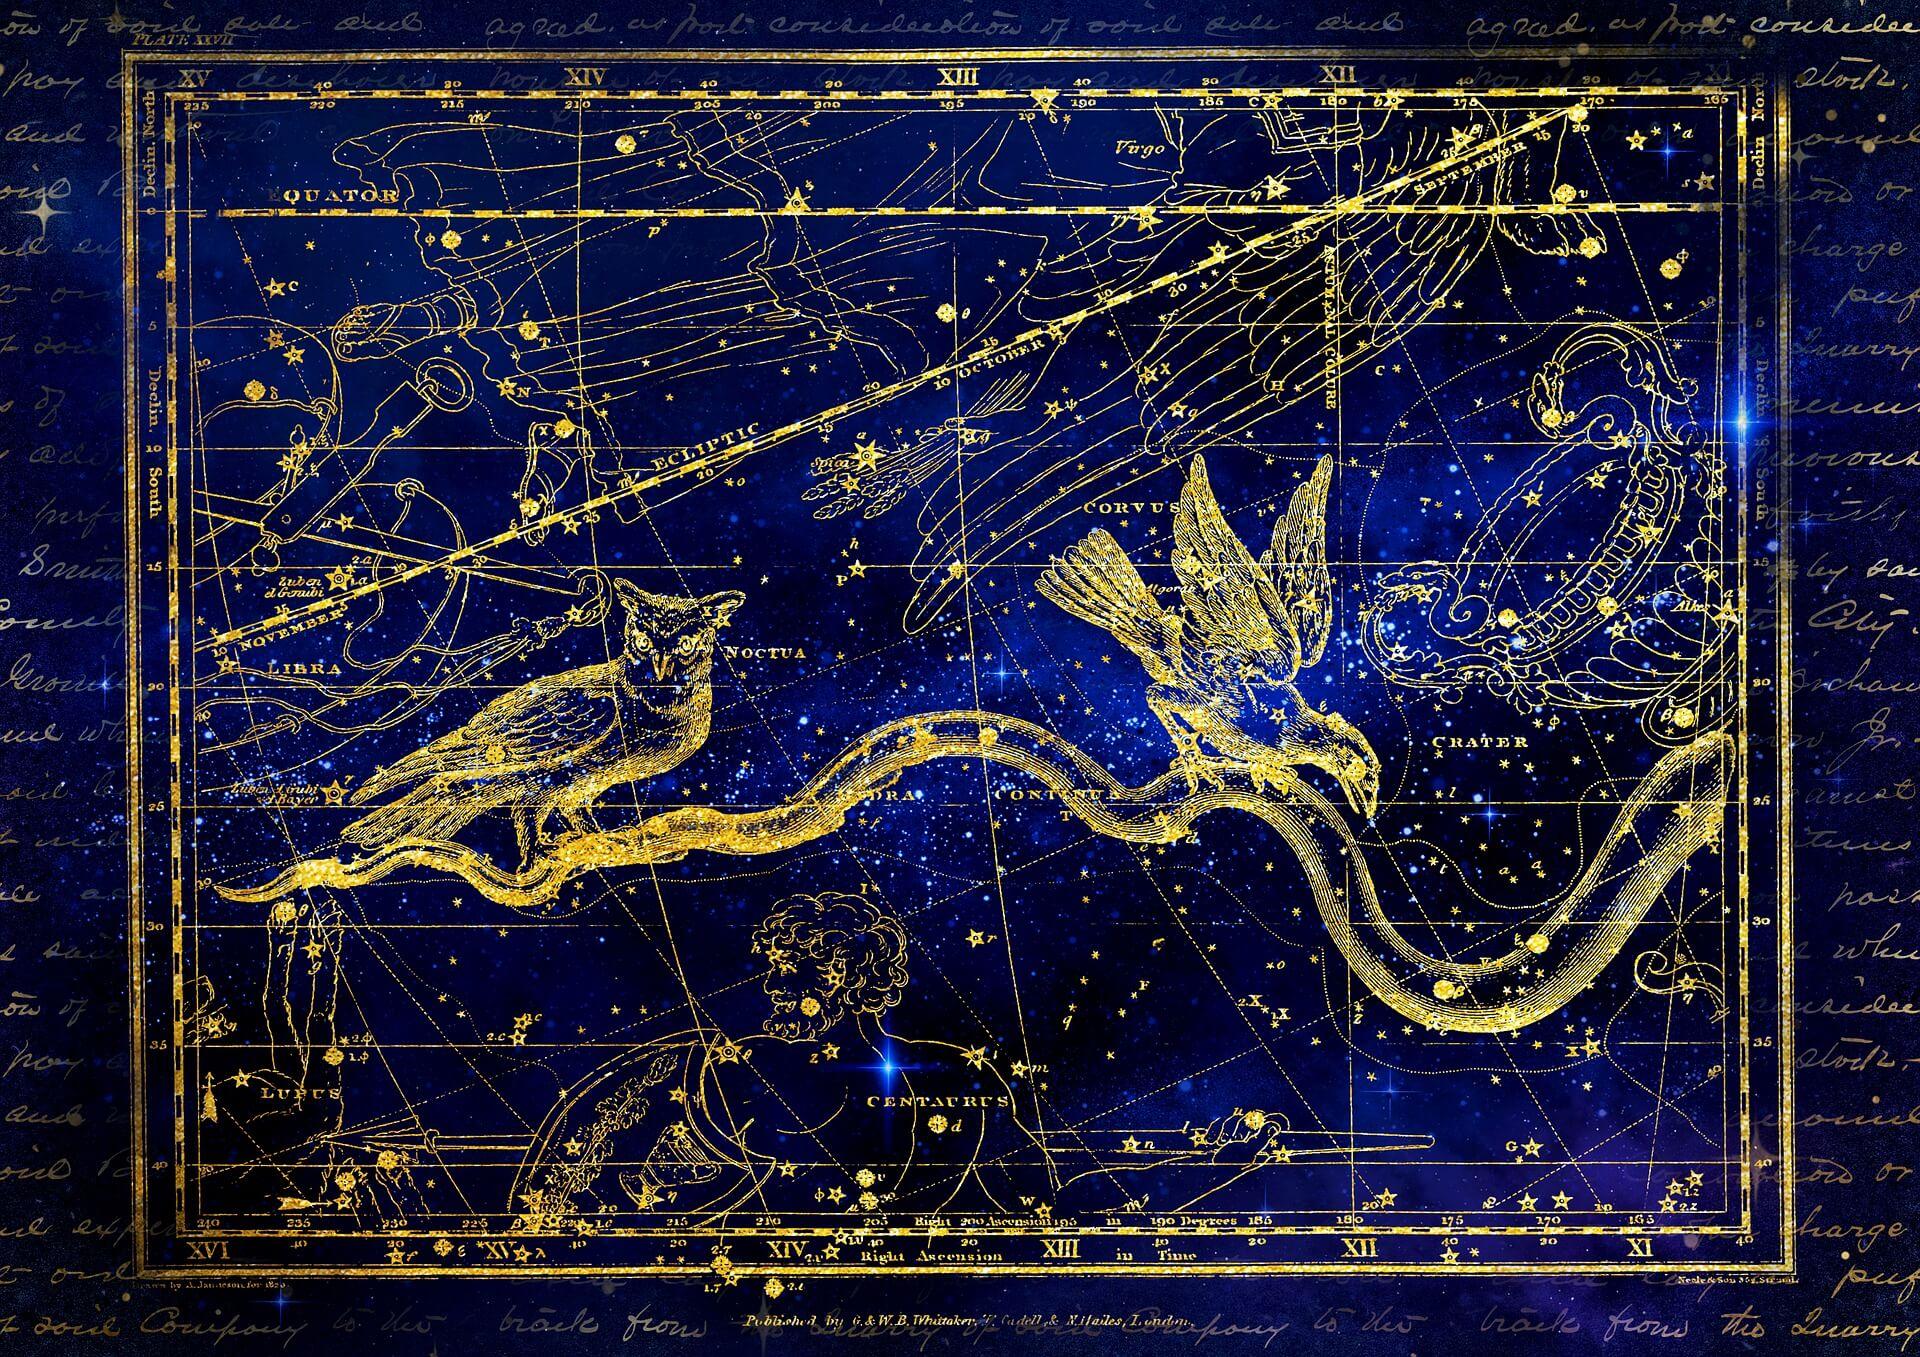 datowanie horoskopu darmowe serwisy randkowe uk fish